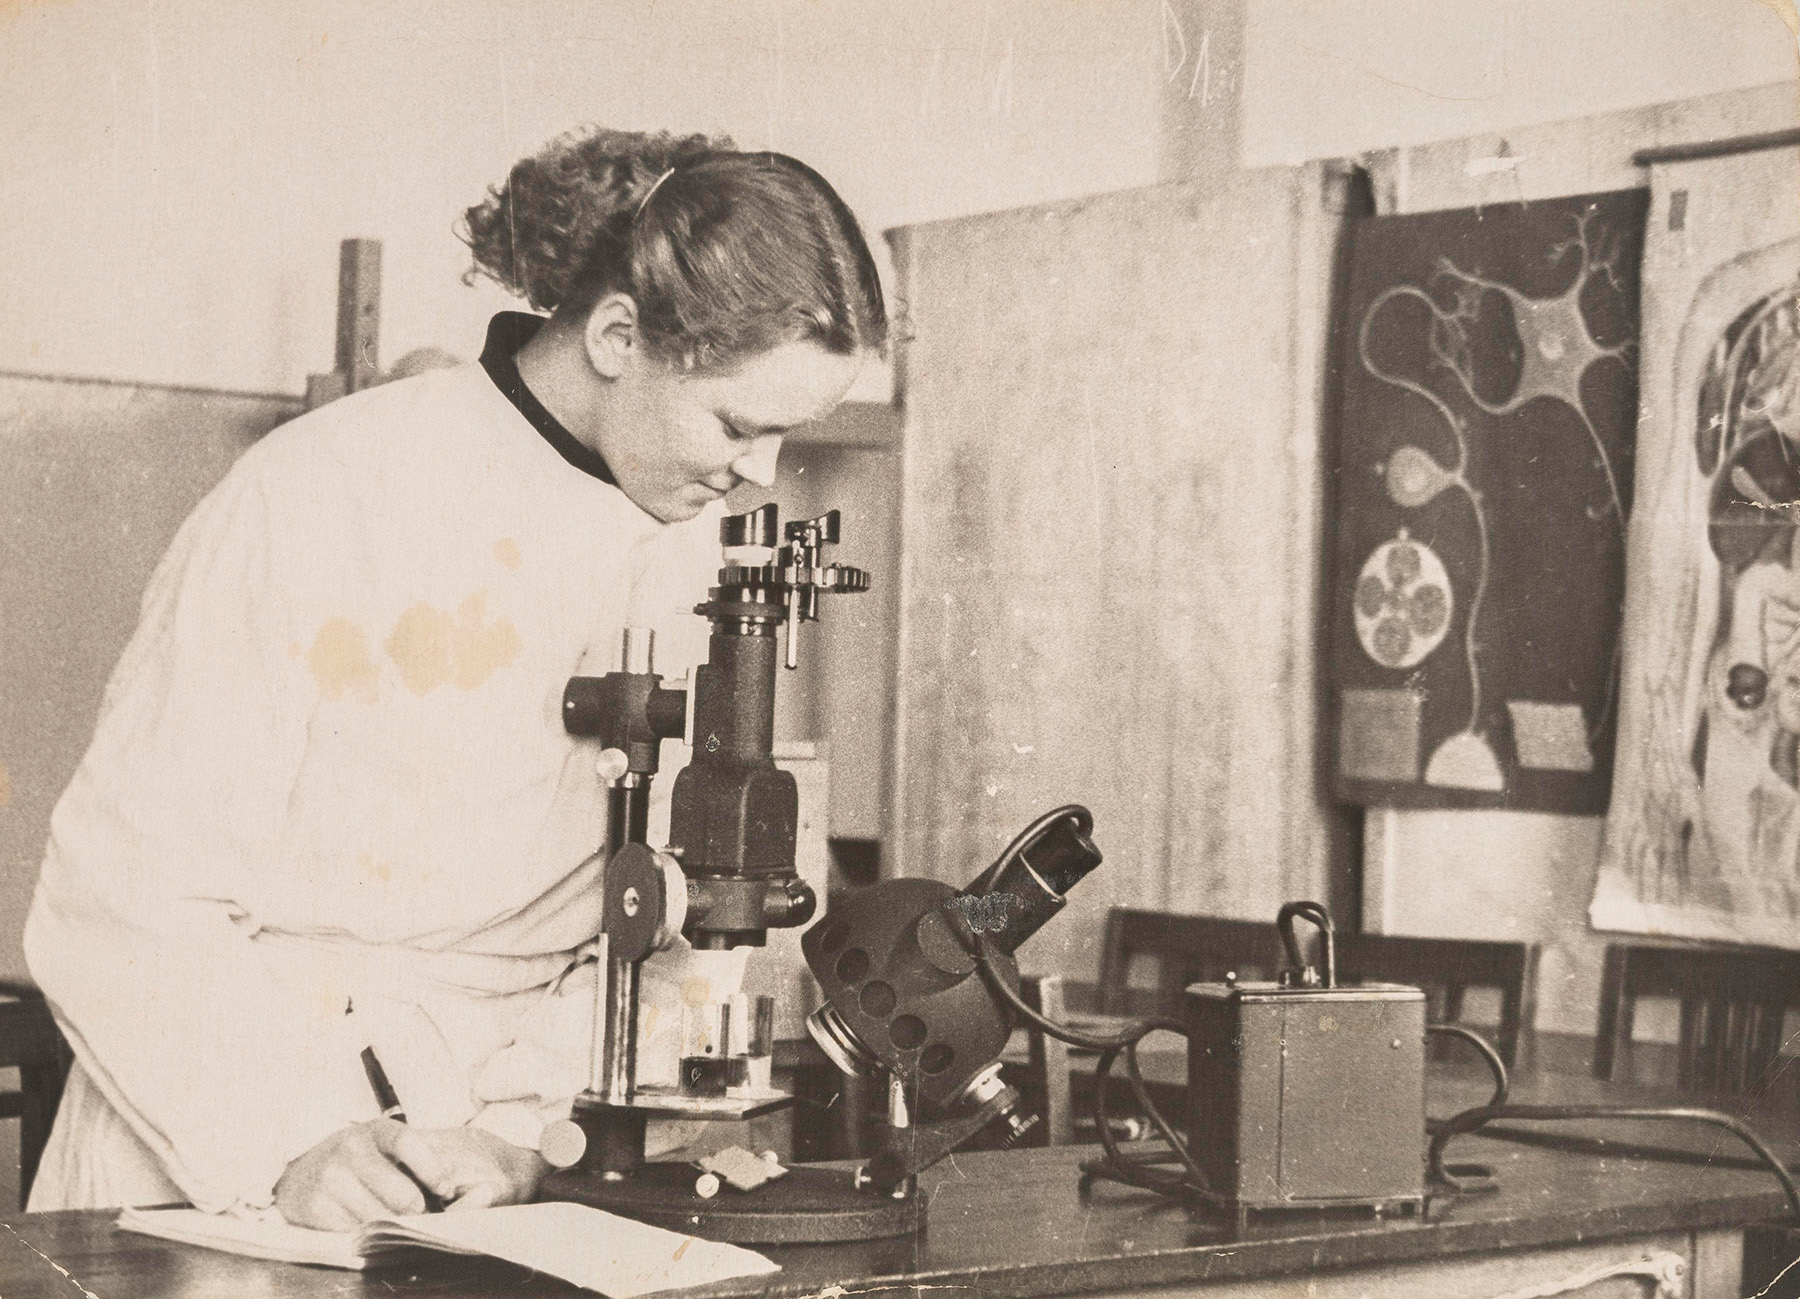 Viola Heistonen työskentelemässä mikroskoopilla fysiologian oppitunnilla Arkangelissa vuonna 1957. SKS KIA, Heistonen-suvun arkisto. CC BY 4.0